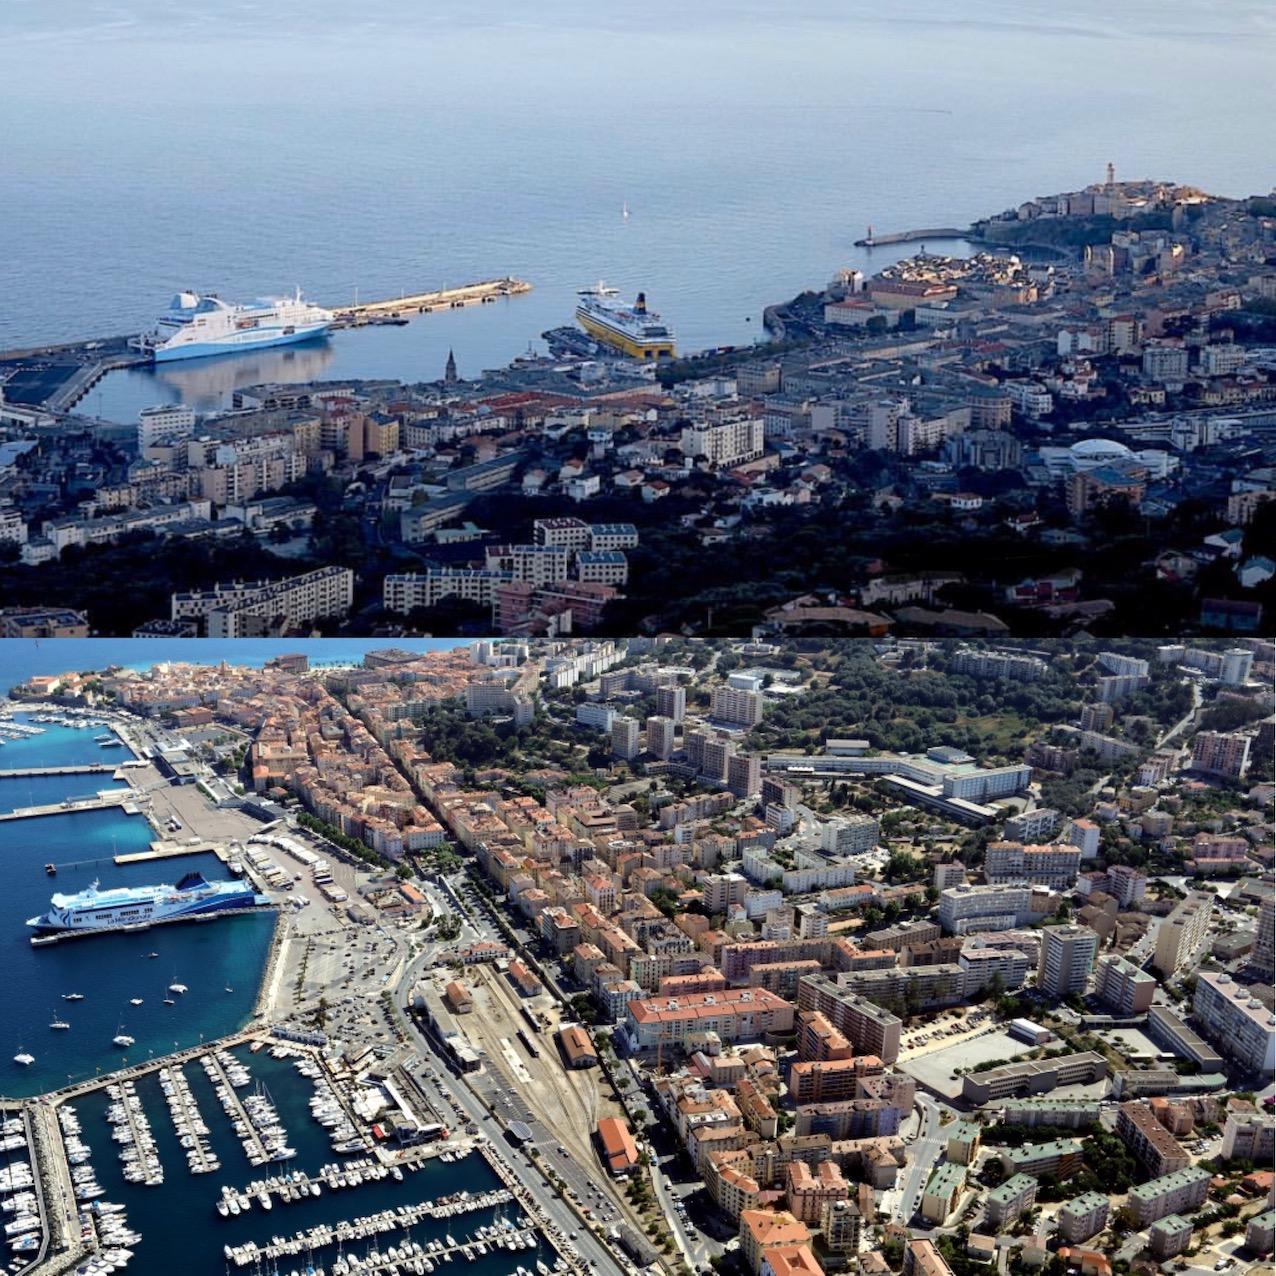 Les habitants de Haute-Corse seront ceux qui profiteront le plus de la baisse d'impôts et de la suppression de la taxe d'habitation.